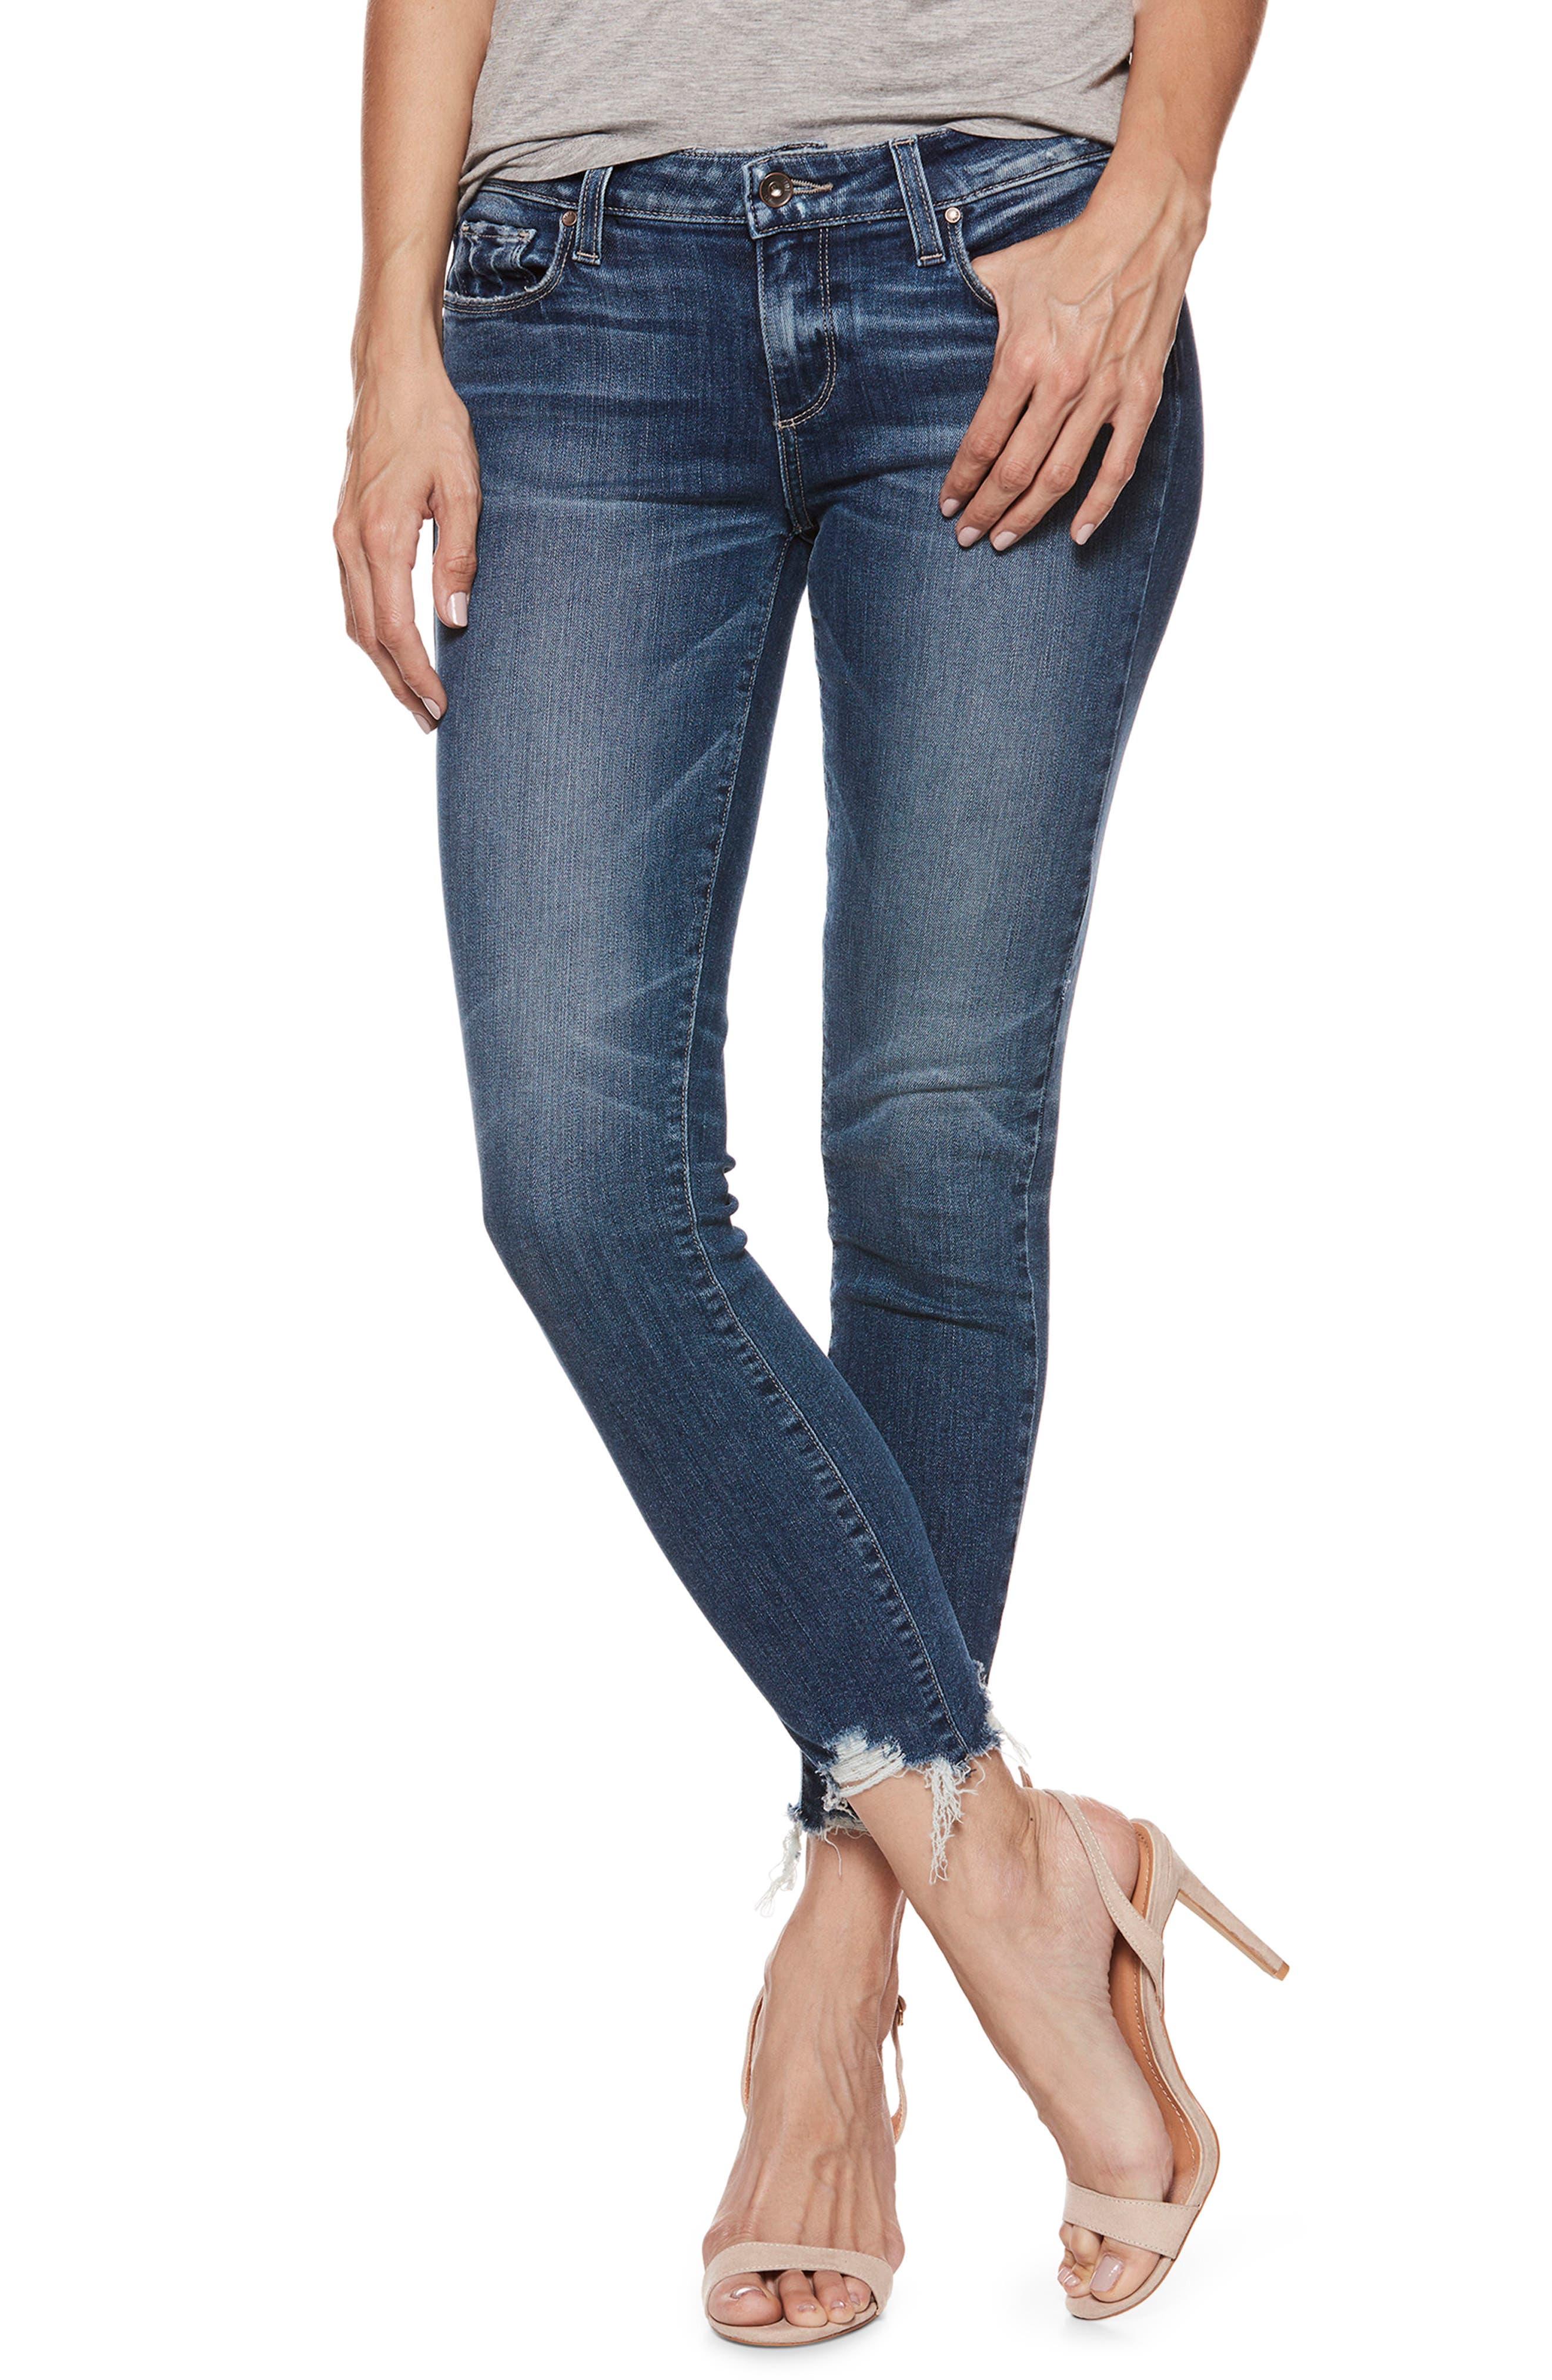 Transcend Vintage - Verdugo Ankle Skinny Jeans,                         Main,                         color, Malibu Super Distressed